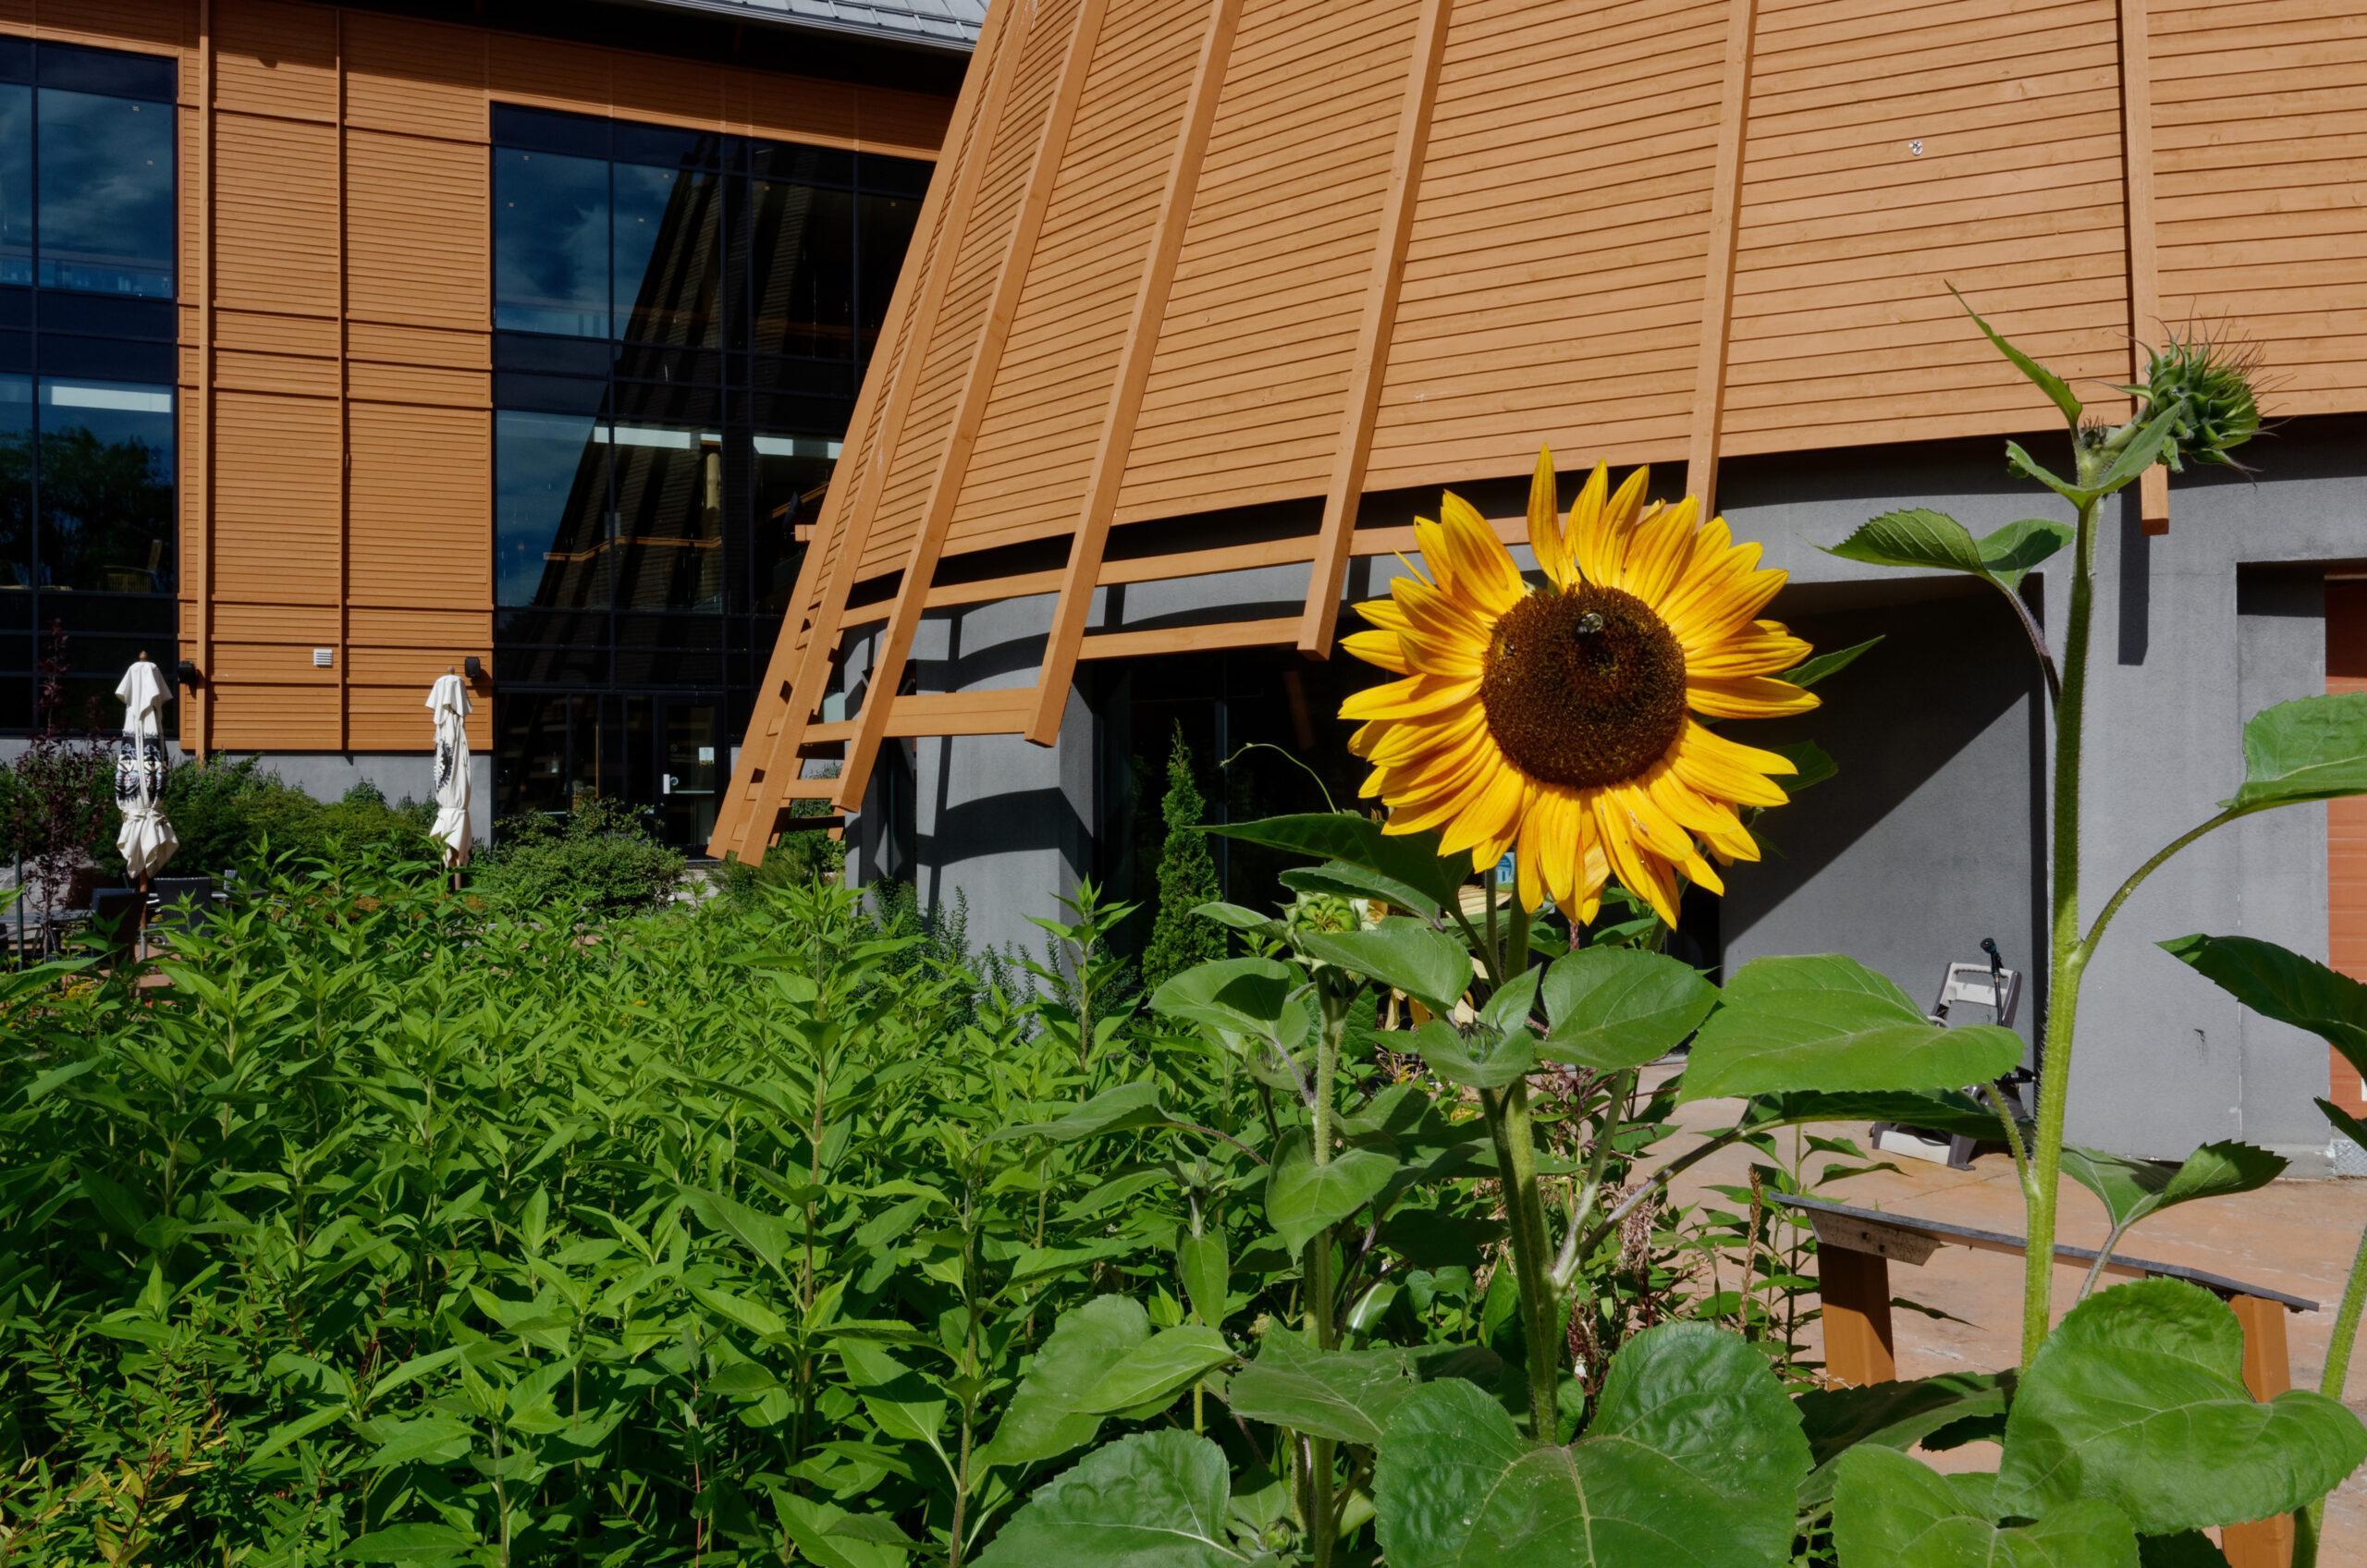 En parcourant le projet on est interpellé par la présence de certaines espèces florales. L'architecte paysagiste nous invite à nous interroger sur la raison de leur présence et leur symbolique dans la culture huronne-wendat. Une façon de proposer également un musée en plein air.